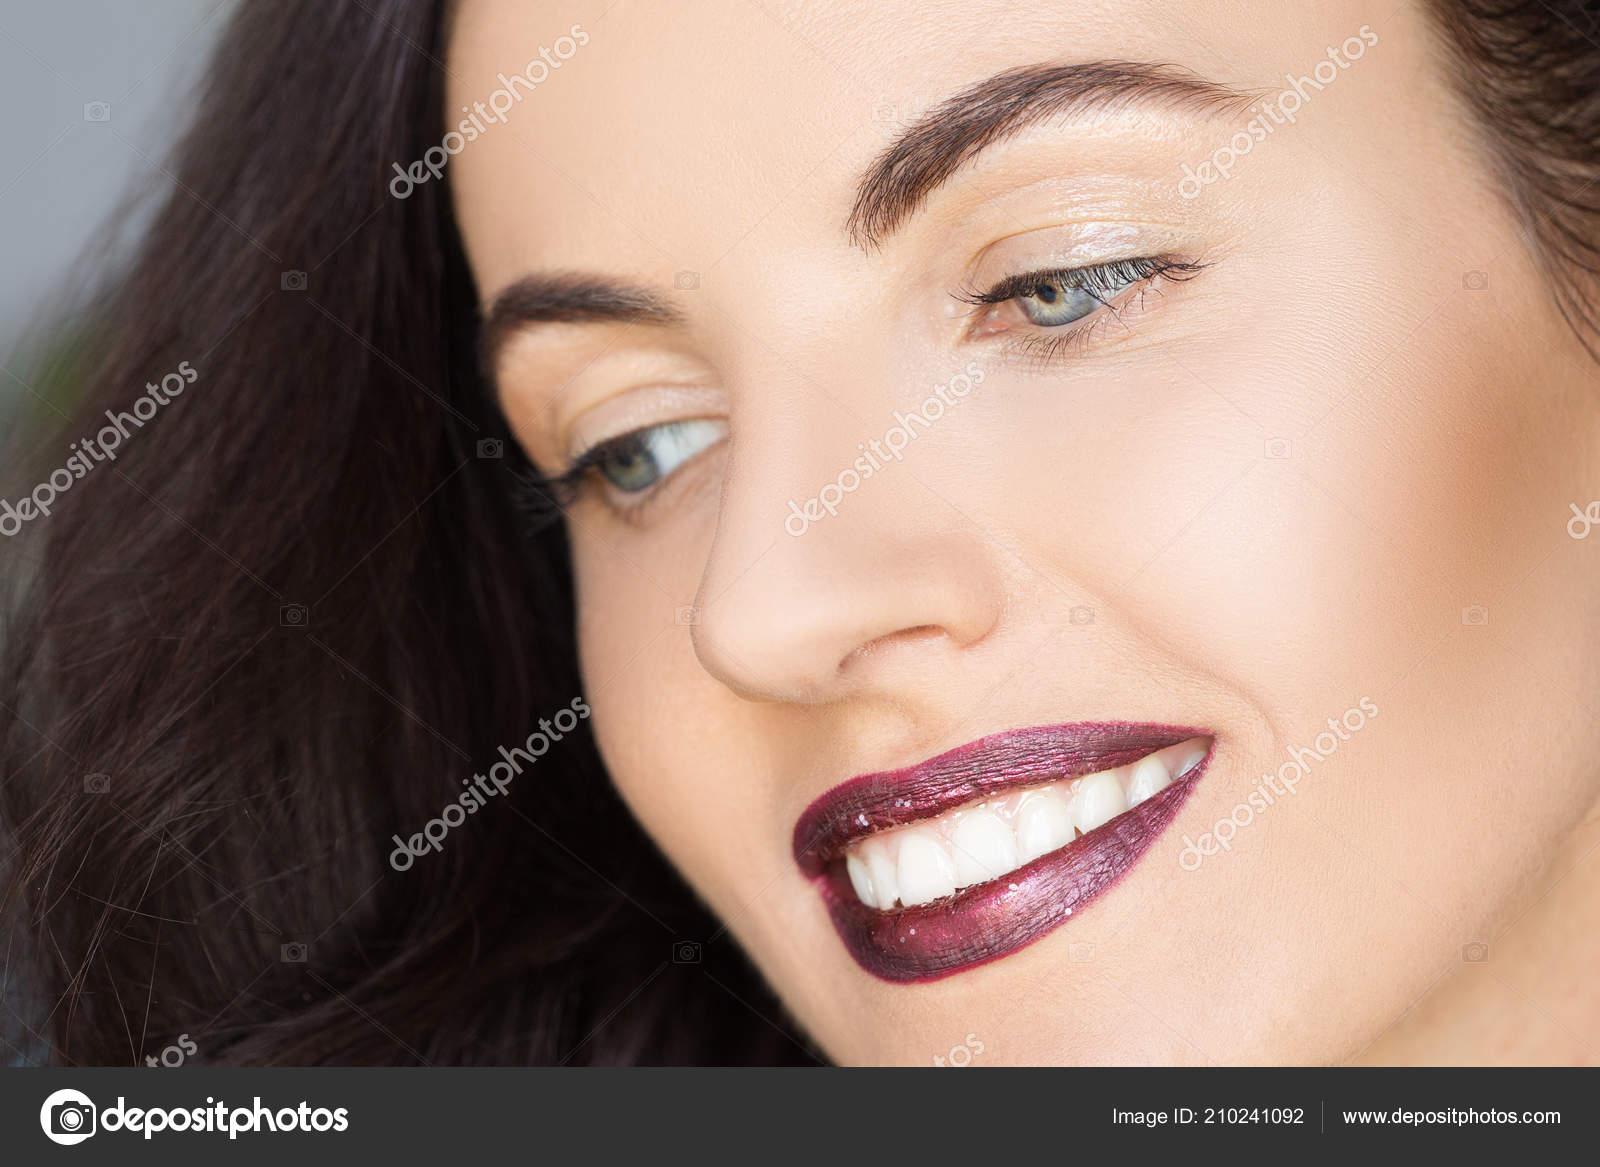 Retrato Natural Uma Mulher Com Labios Limpeza Pele Vermelhos Unhas